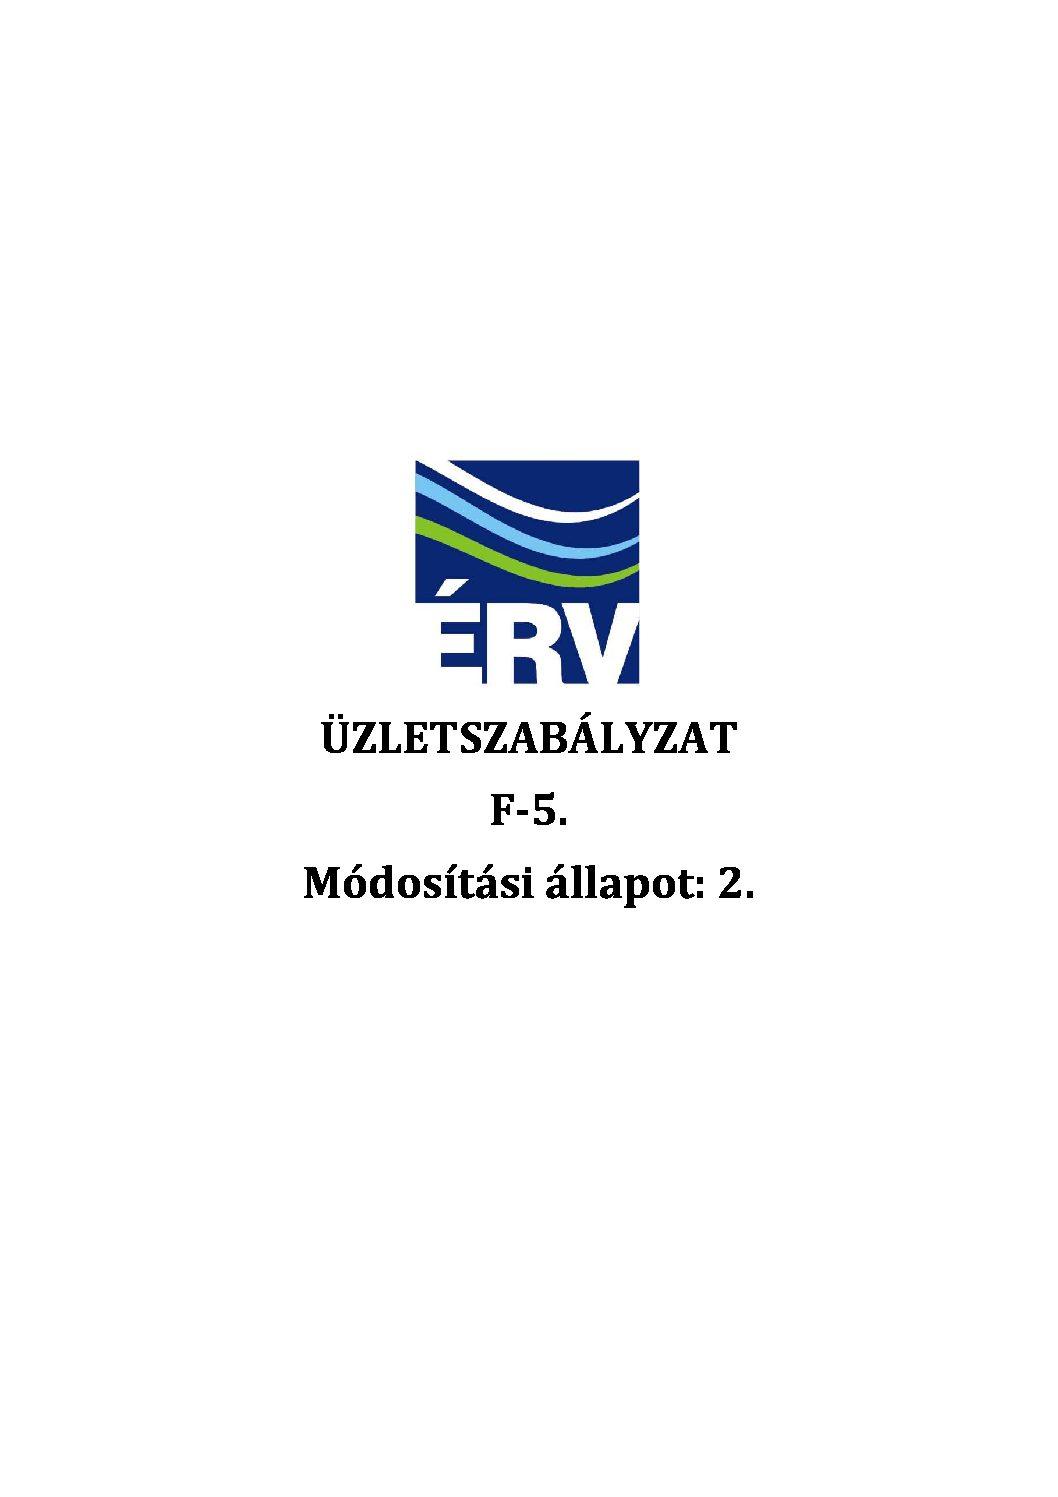 Üzletszabályzat-tervezet_ÉRV ZRt._201805